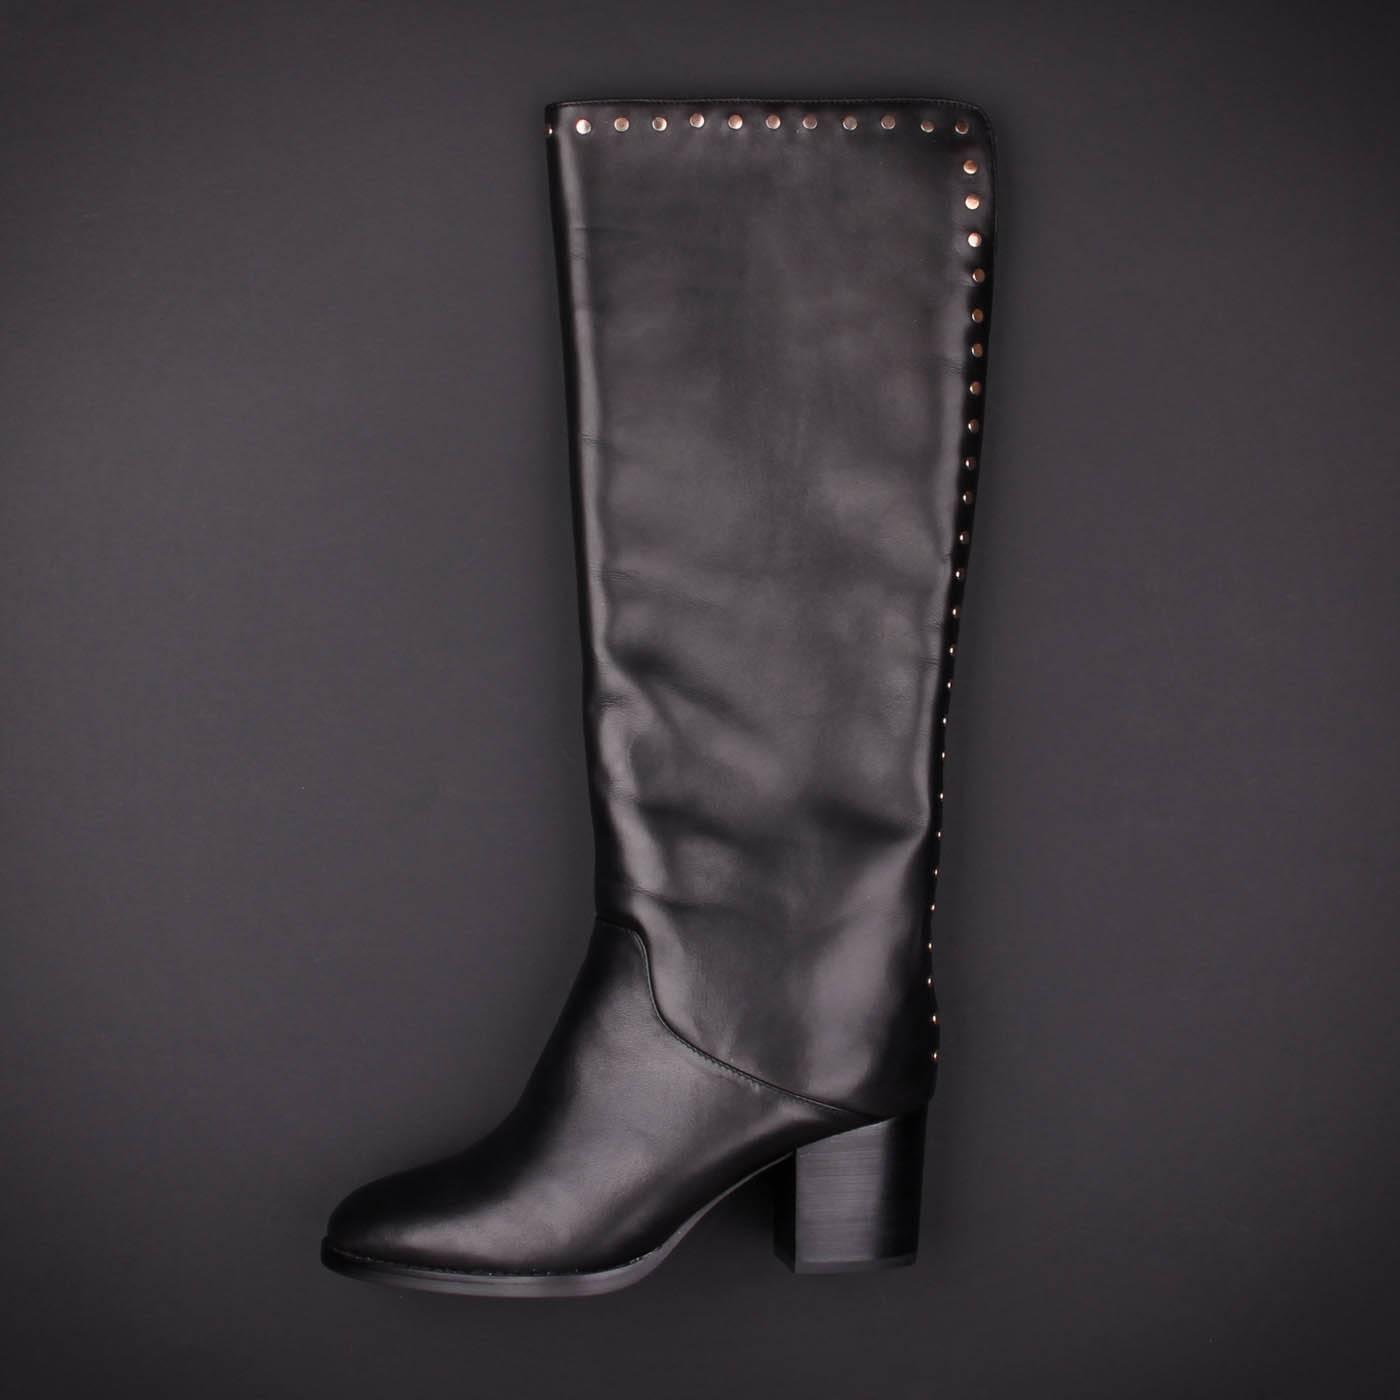 Чоботи жіночі ditto 6290 Чорний купить по выгодной цене в интернет ... 981a3645d18ab